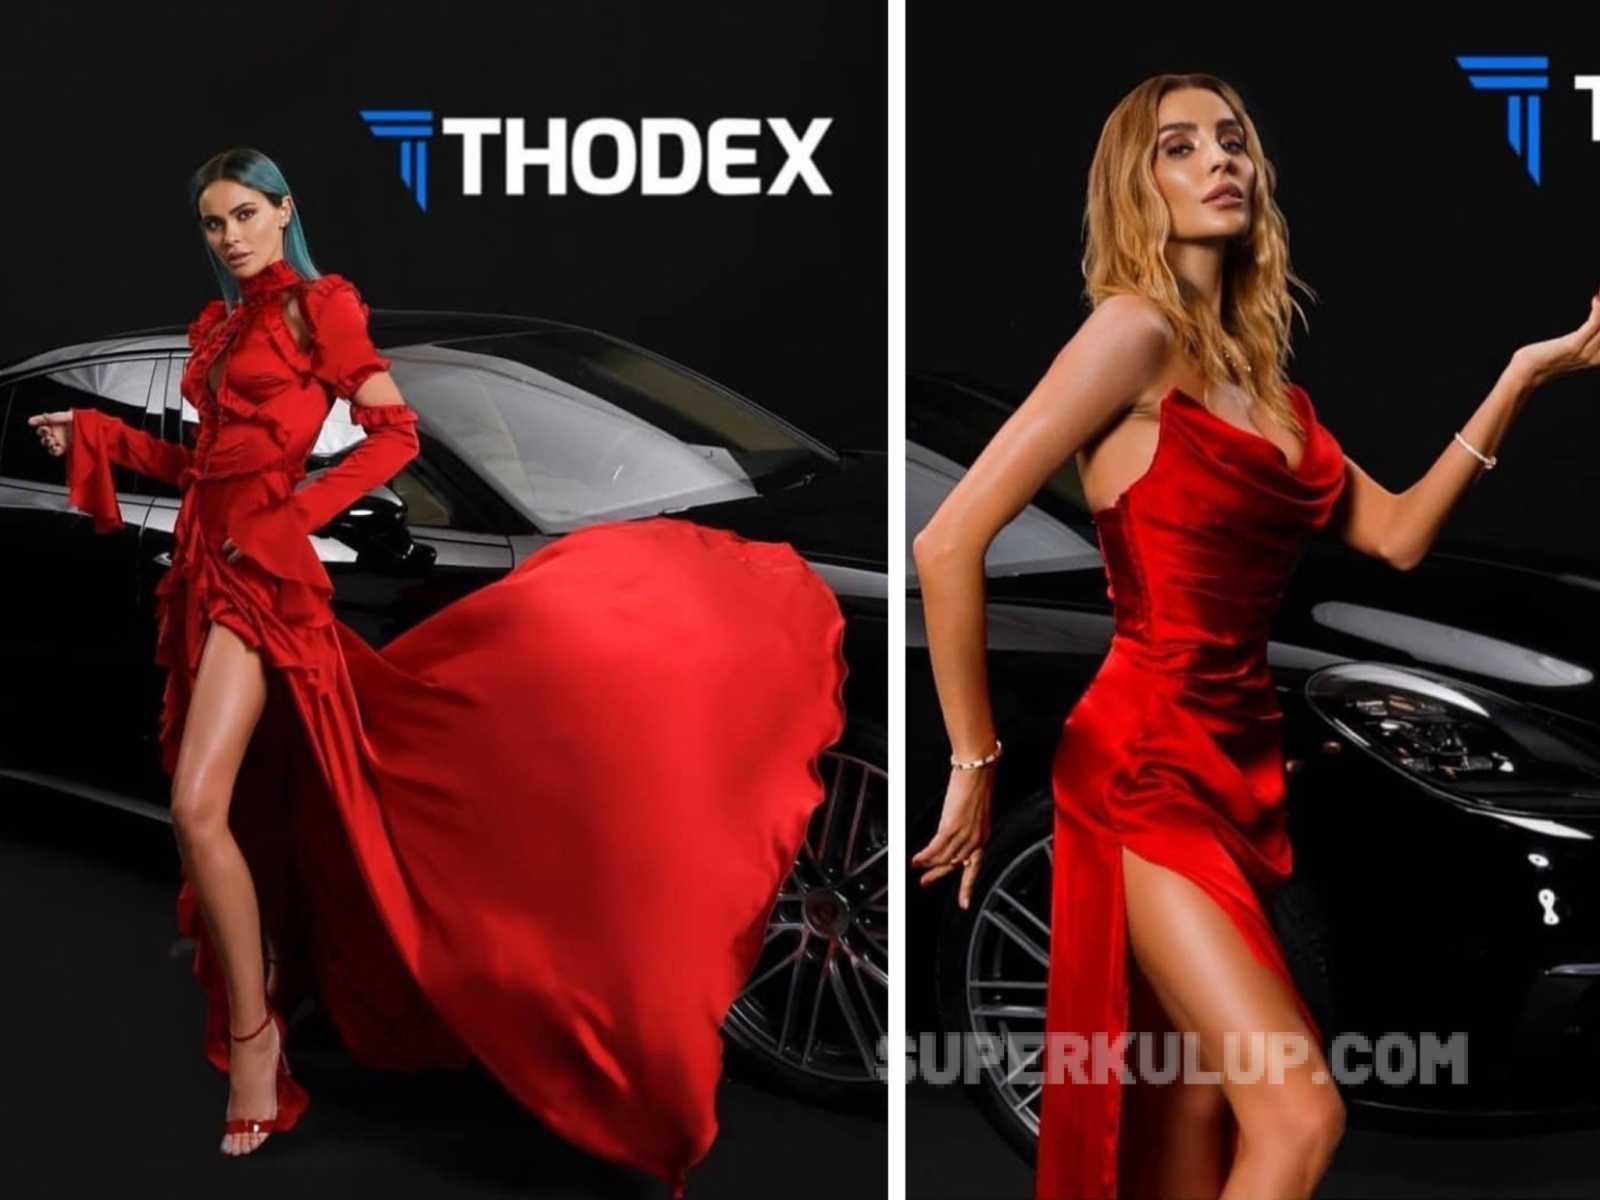 thed3 - 2 Milyar Dolarlık vurgun yapan Thodex, 8 ünlü mankeni kullanmış!